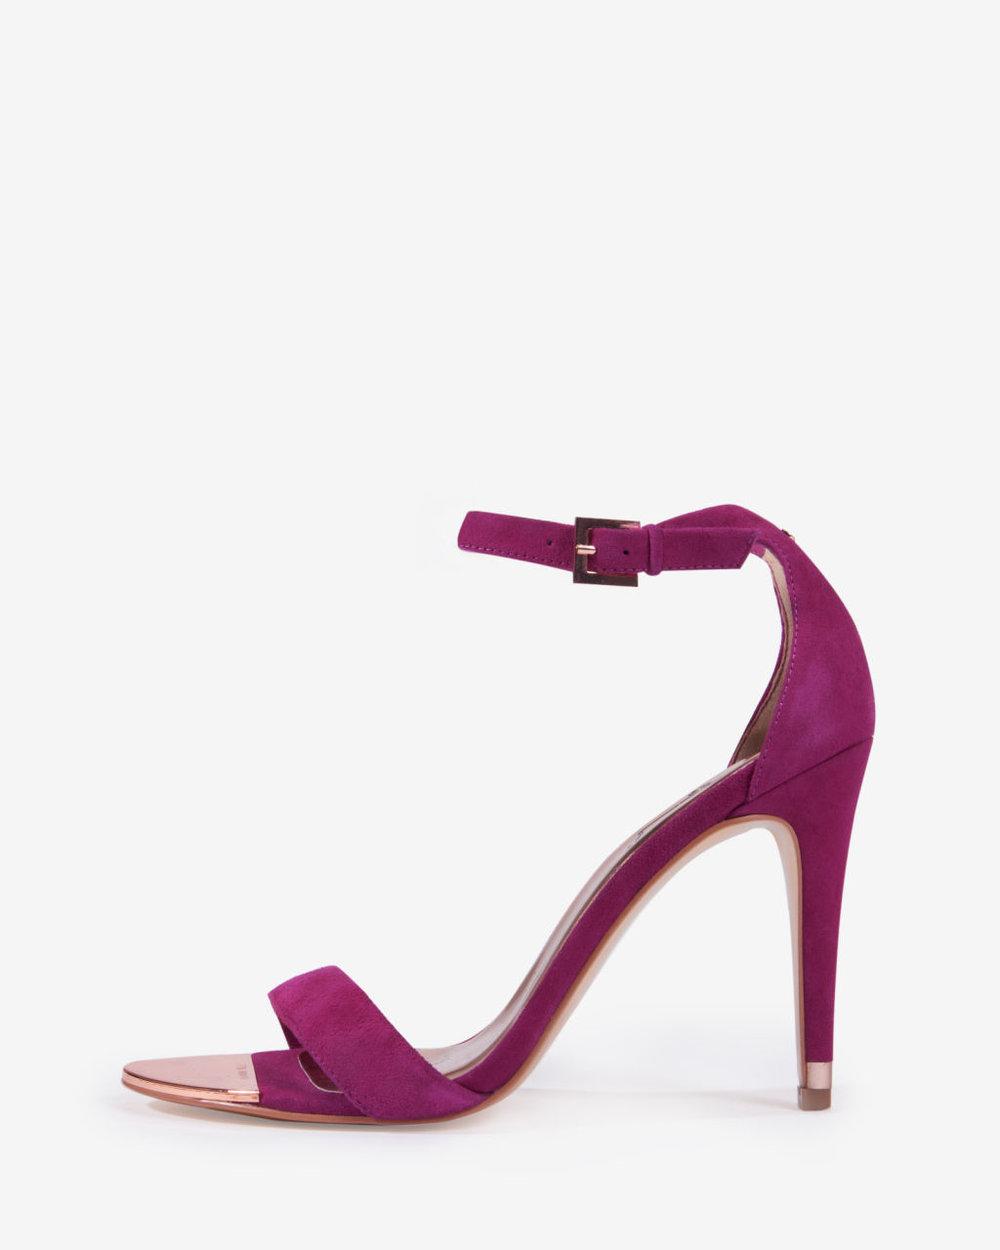 Copy of uk-Womens-Footwear-JULIENA-Suede-ankle-strap-sandals-Deep-Pink-HA5W_JULIENA_50-DEEP-PINK_2.jpg.jpg